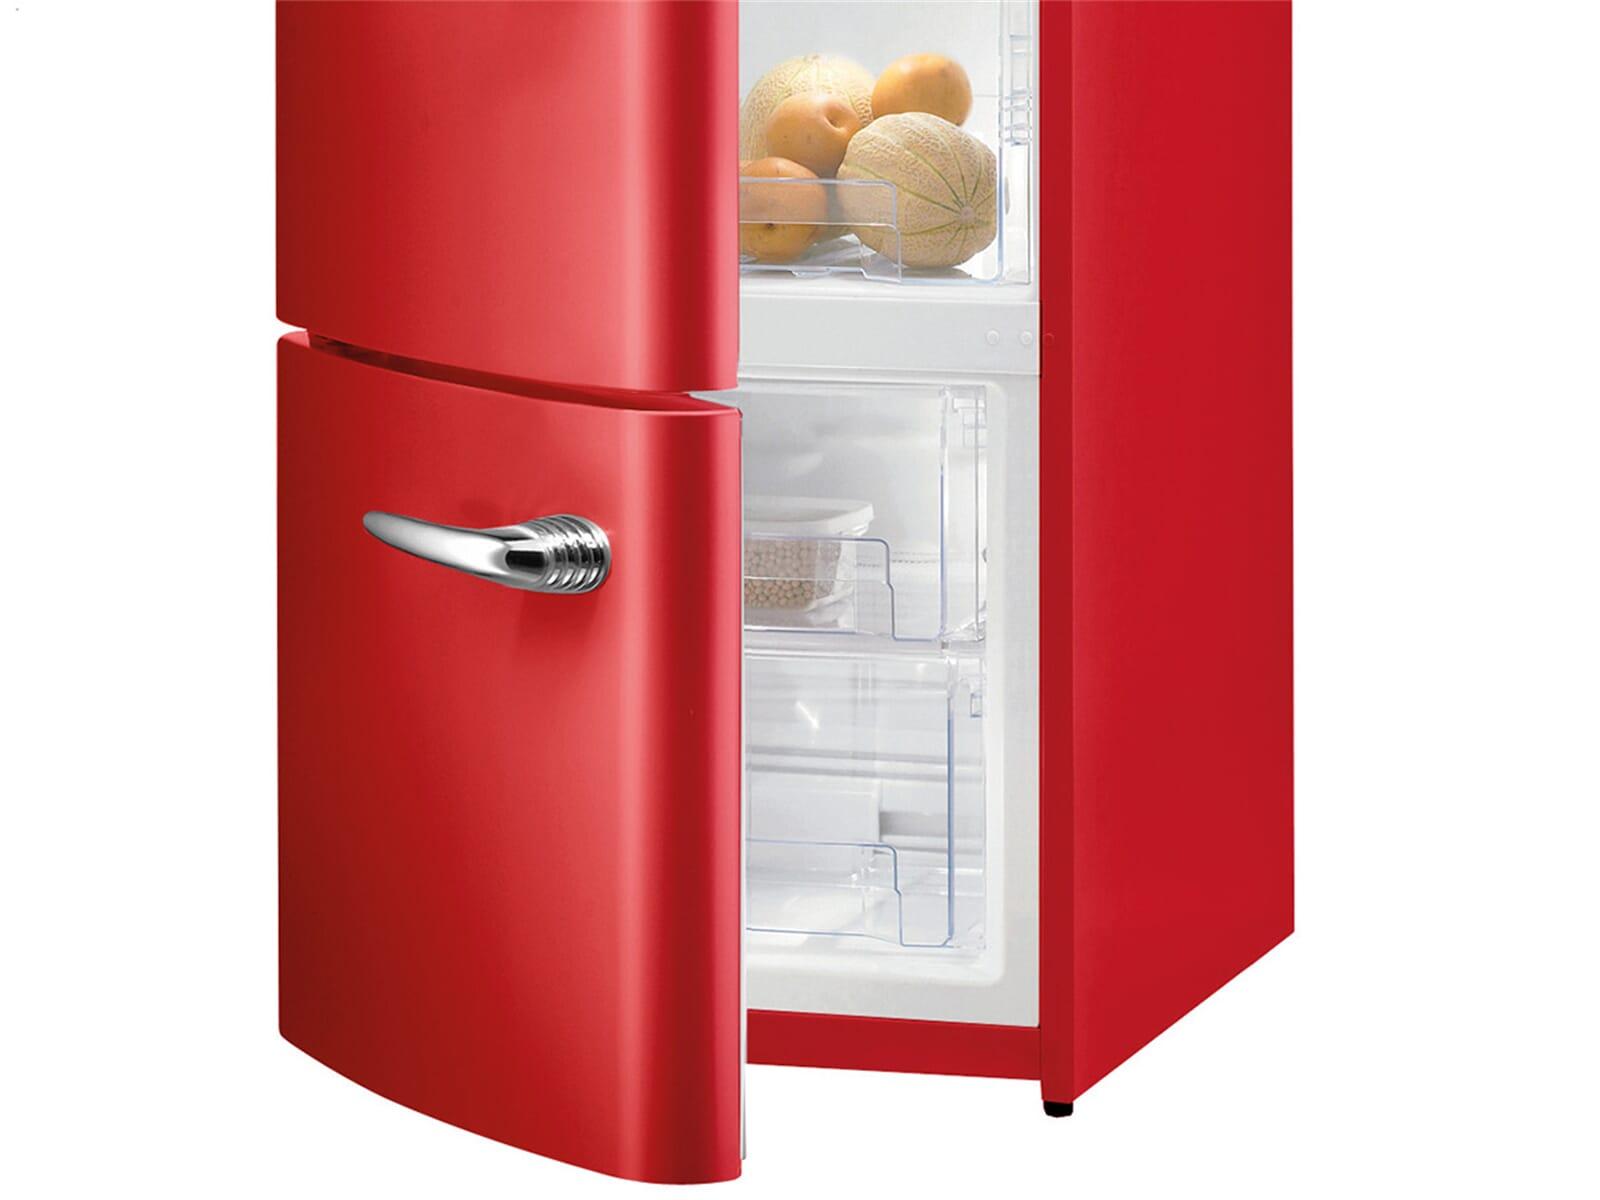 Smeg Kühlschrank Wikipedia : Kühl gefrierkombination großes gefrierteil kühlschränke test und